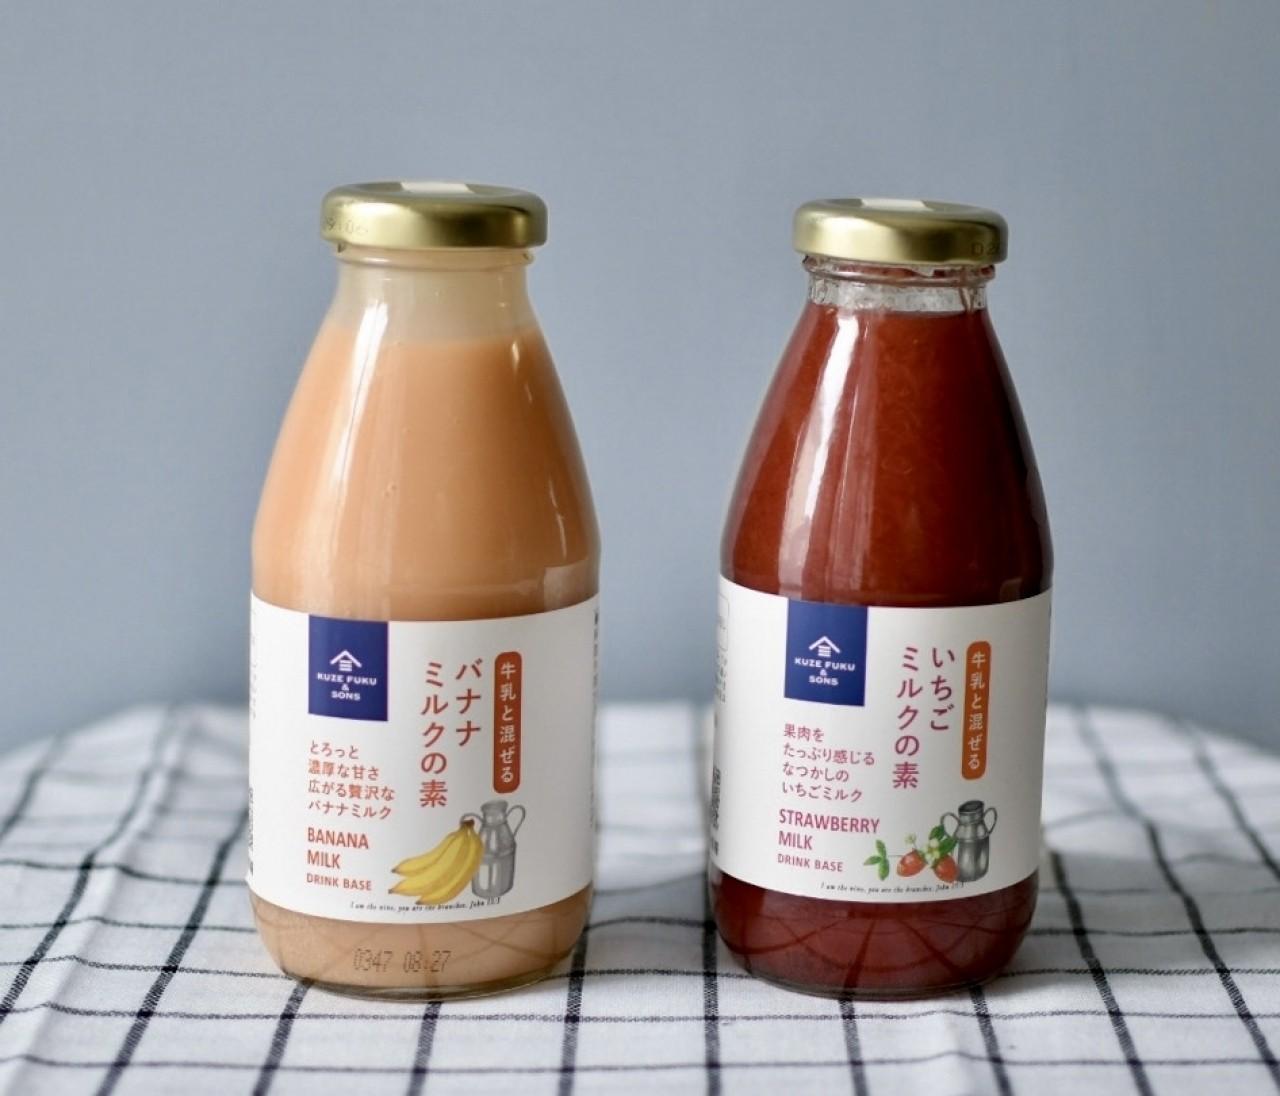 久世福商店の「いちごミルクの素」&「バナナミルクの素」が超濃厚で美味しい!【元フードバイヤーmanamiのコスパなグルメ&スイーツ】